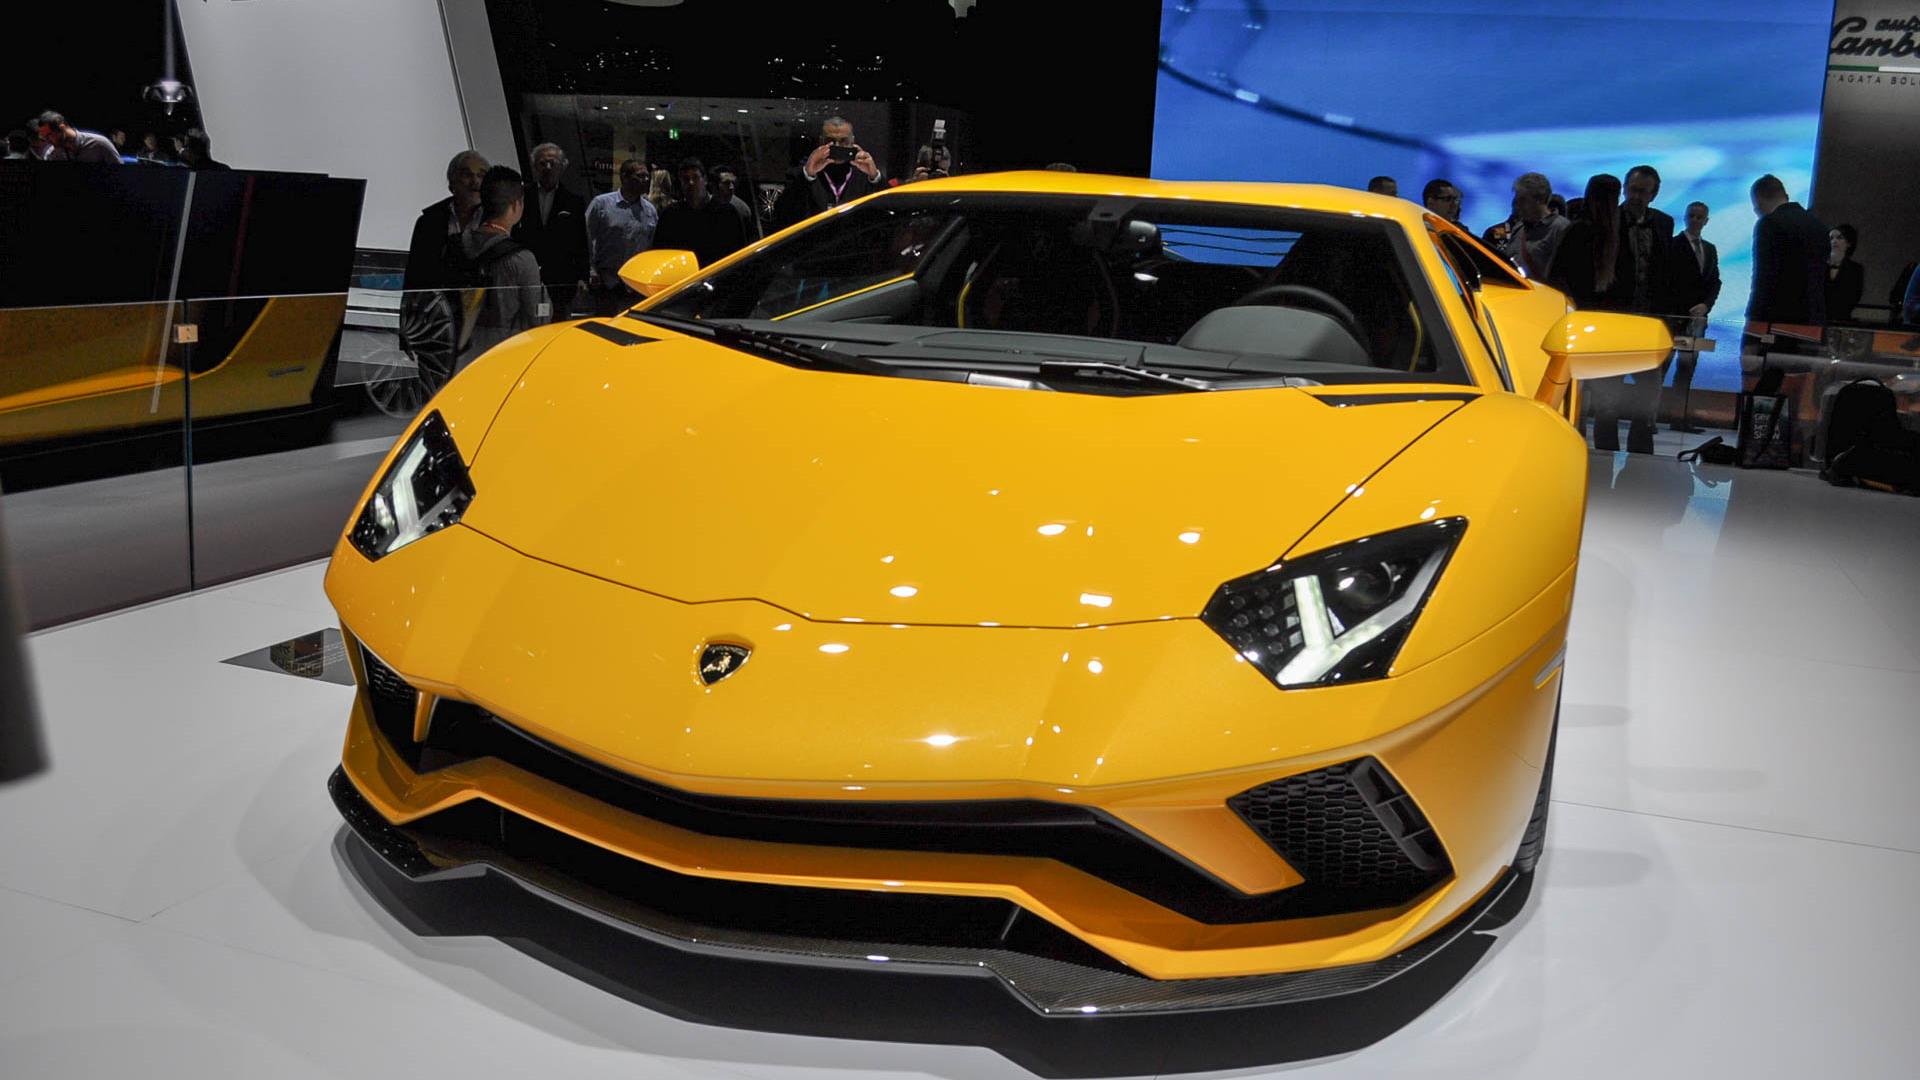 Lamborghini Aventador S, 2017 Geneva auto show